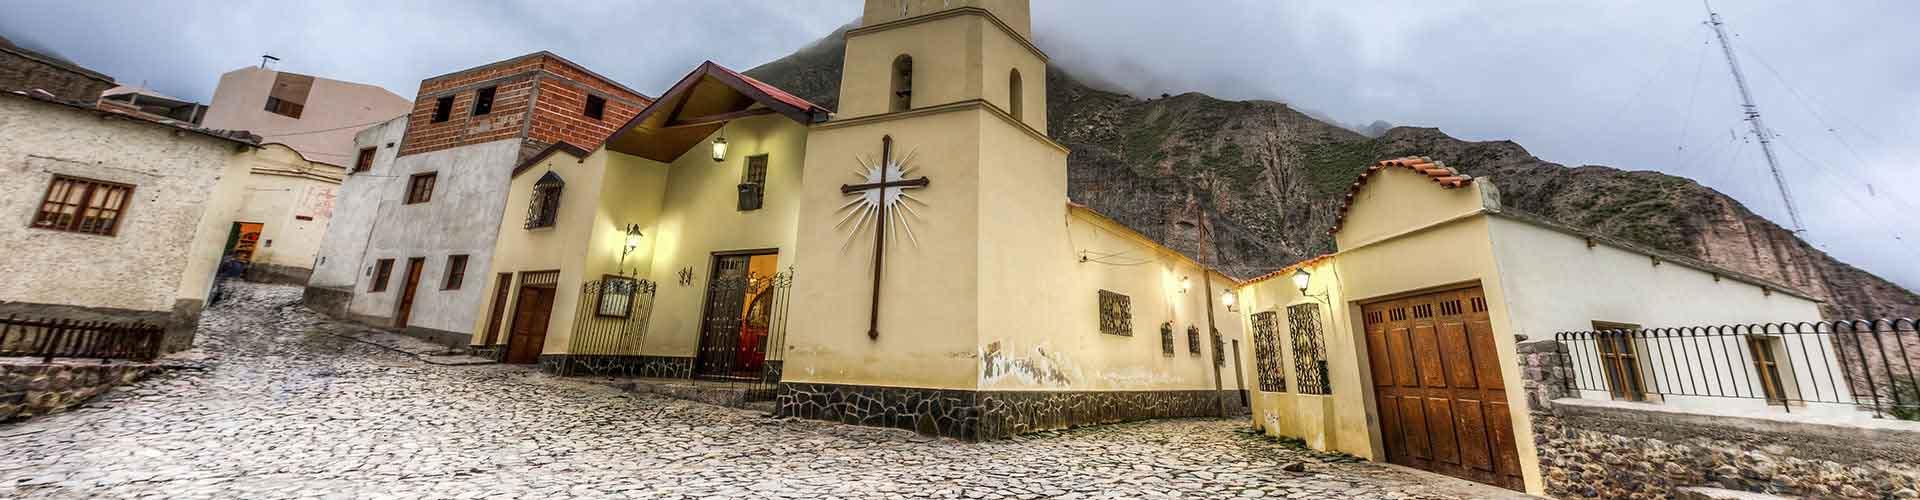 Salta - Zimmer in Salta. Karten für Salta. Fotos und Bewertungen für jedes Zimmer in Salta.